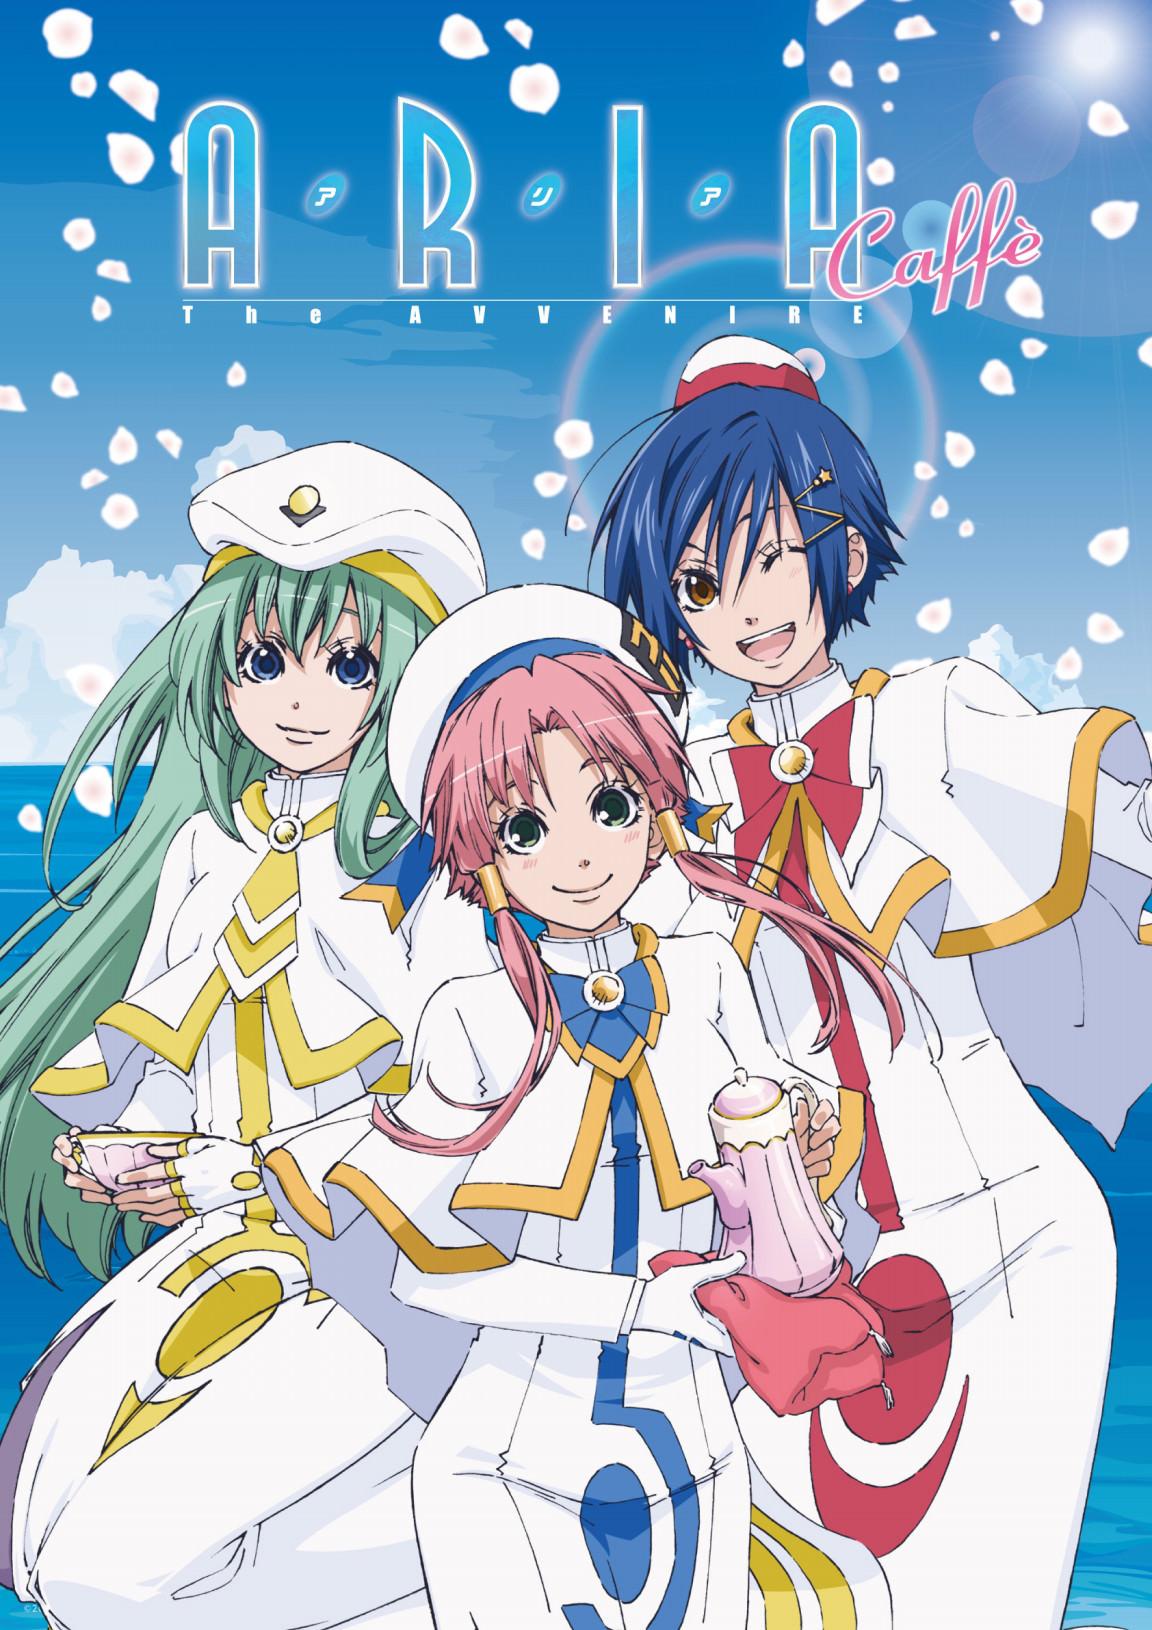 アニメ「ARIA」x 2.5SPINNS原宿にて『ARIAカフェ』1/20から開催!